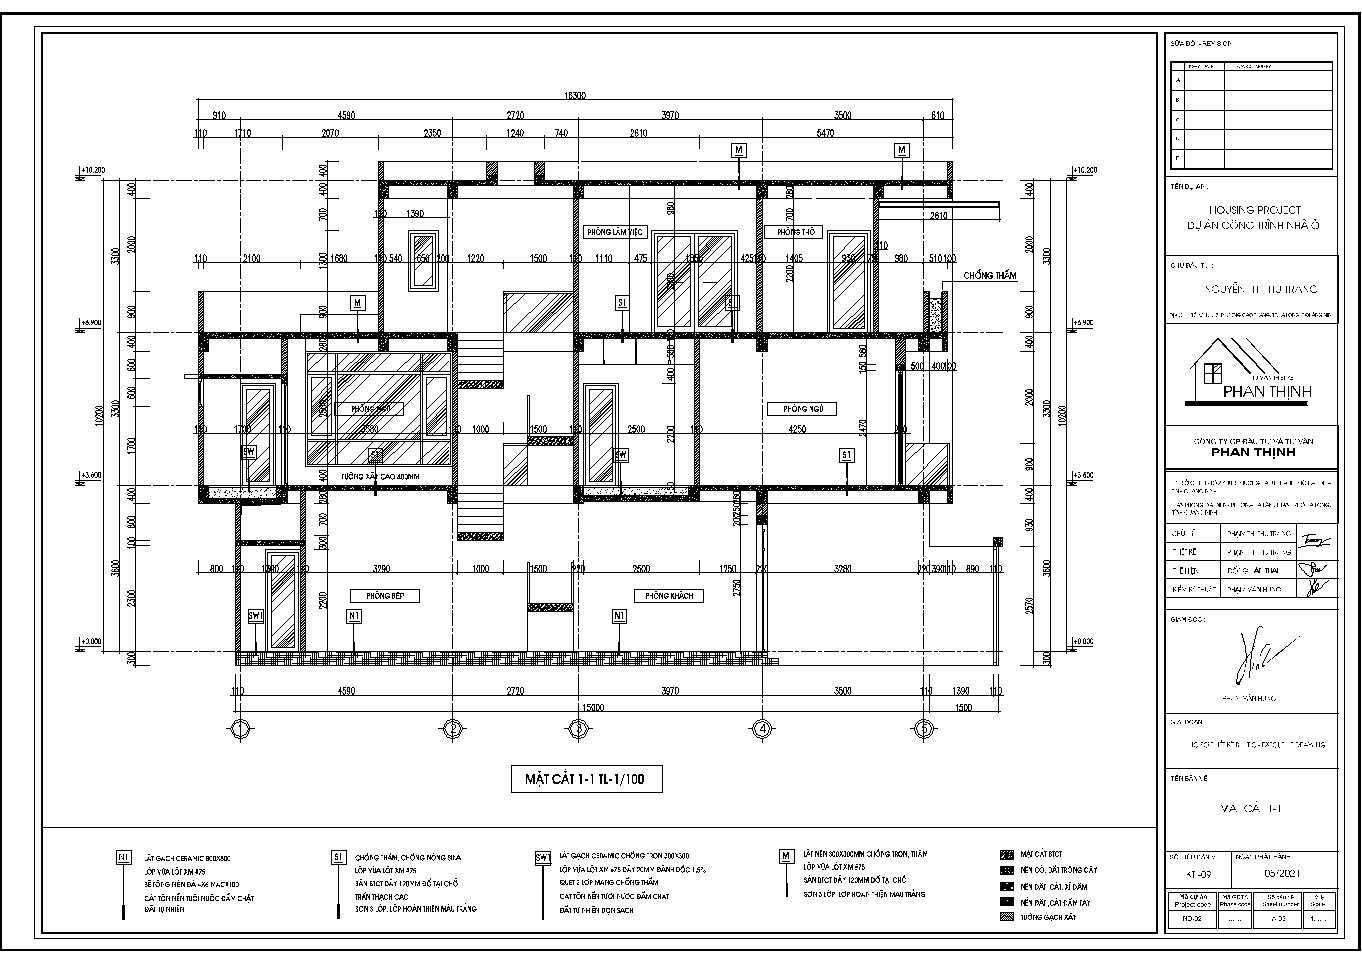 Mặt cắt 1-1 của ngôi nhà ống 3 tầng